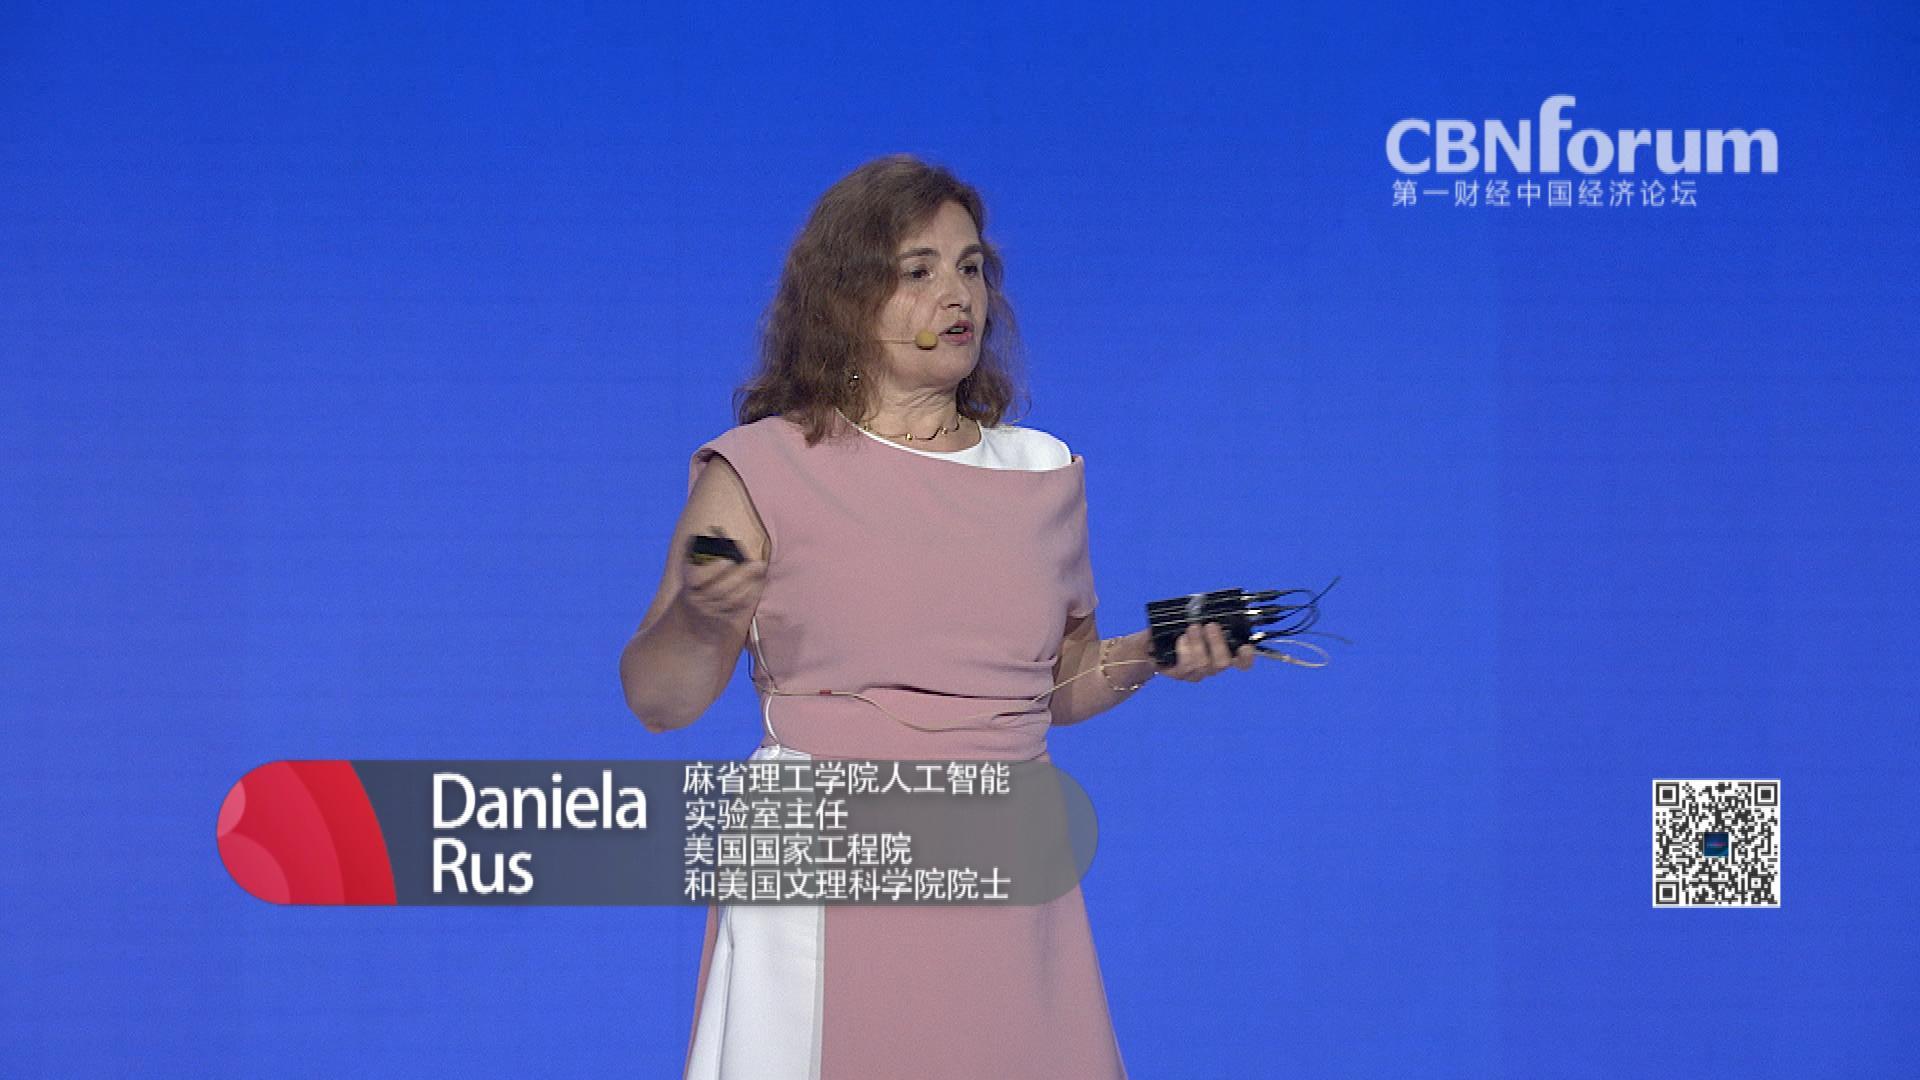 Daniela Rus 麻省理工学院人工智能实验室(CSAIL)主任、美国国家工程院(NAE)和美国文理科学院(AAAS)院士